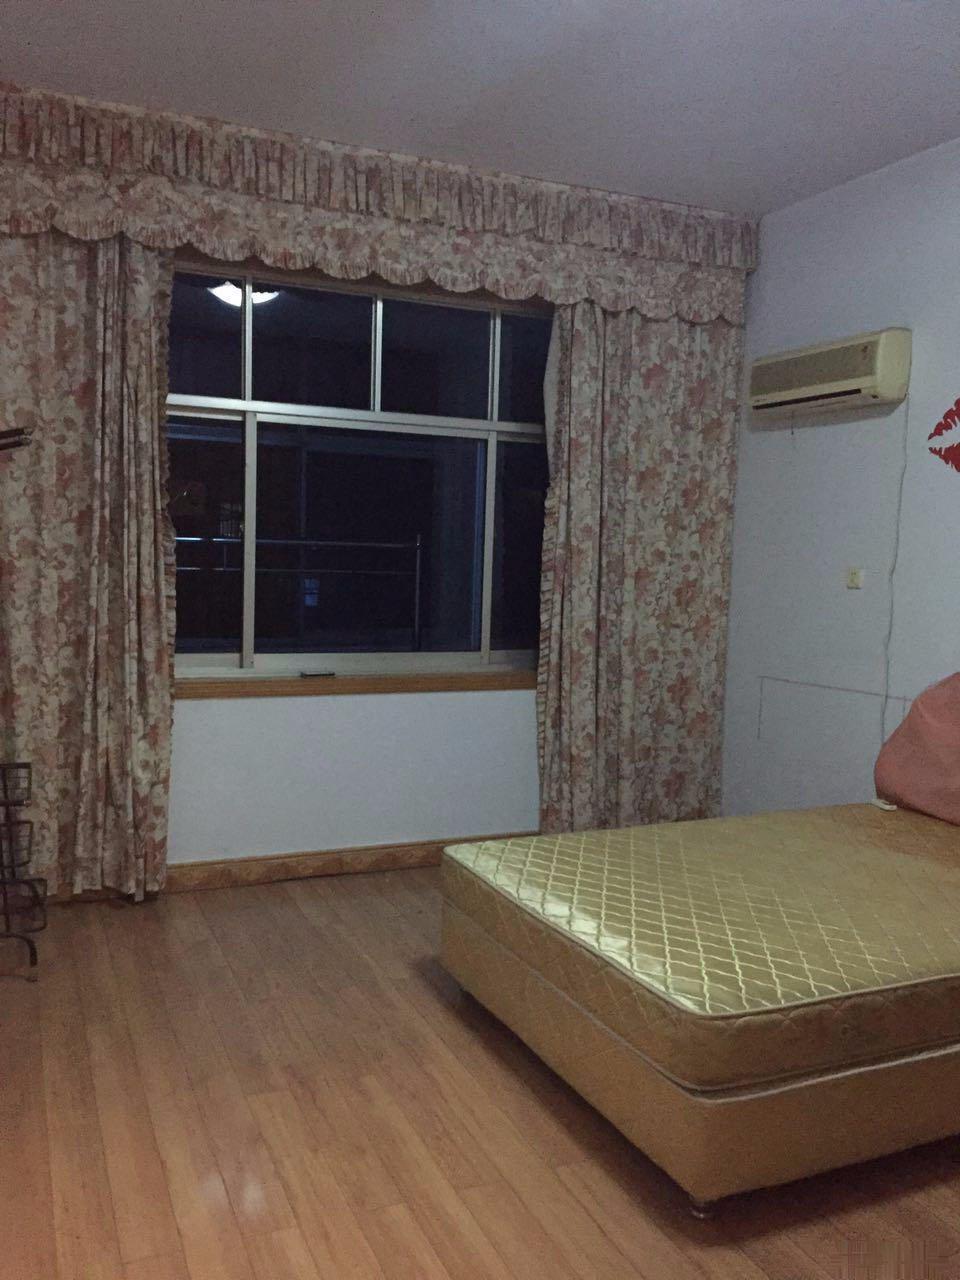 平桥中心大道三楼 2室2厅1卫 100平米(大产权)有房